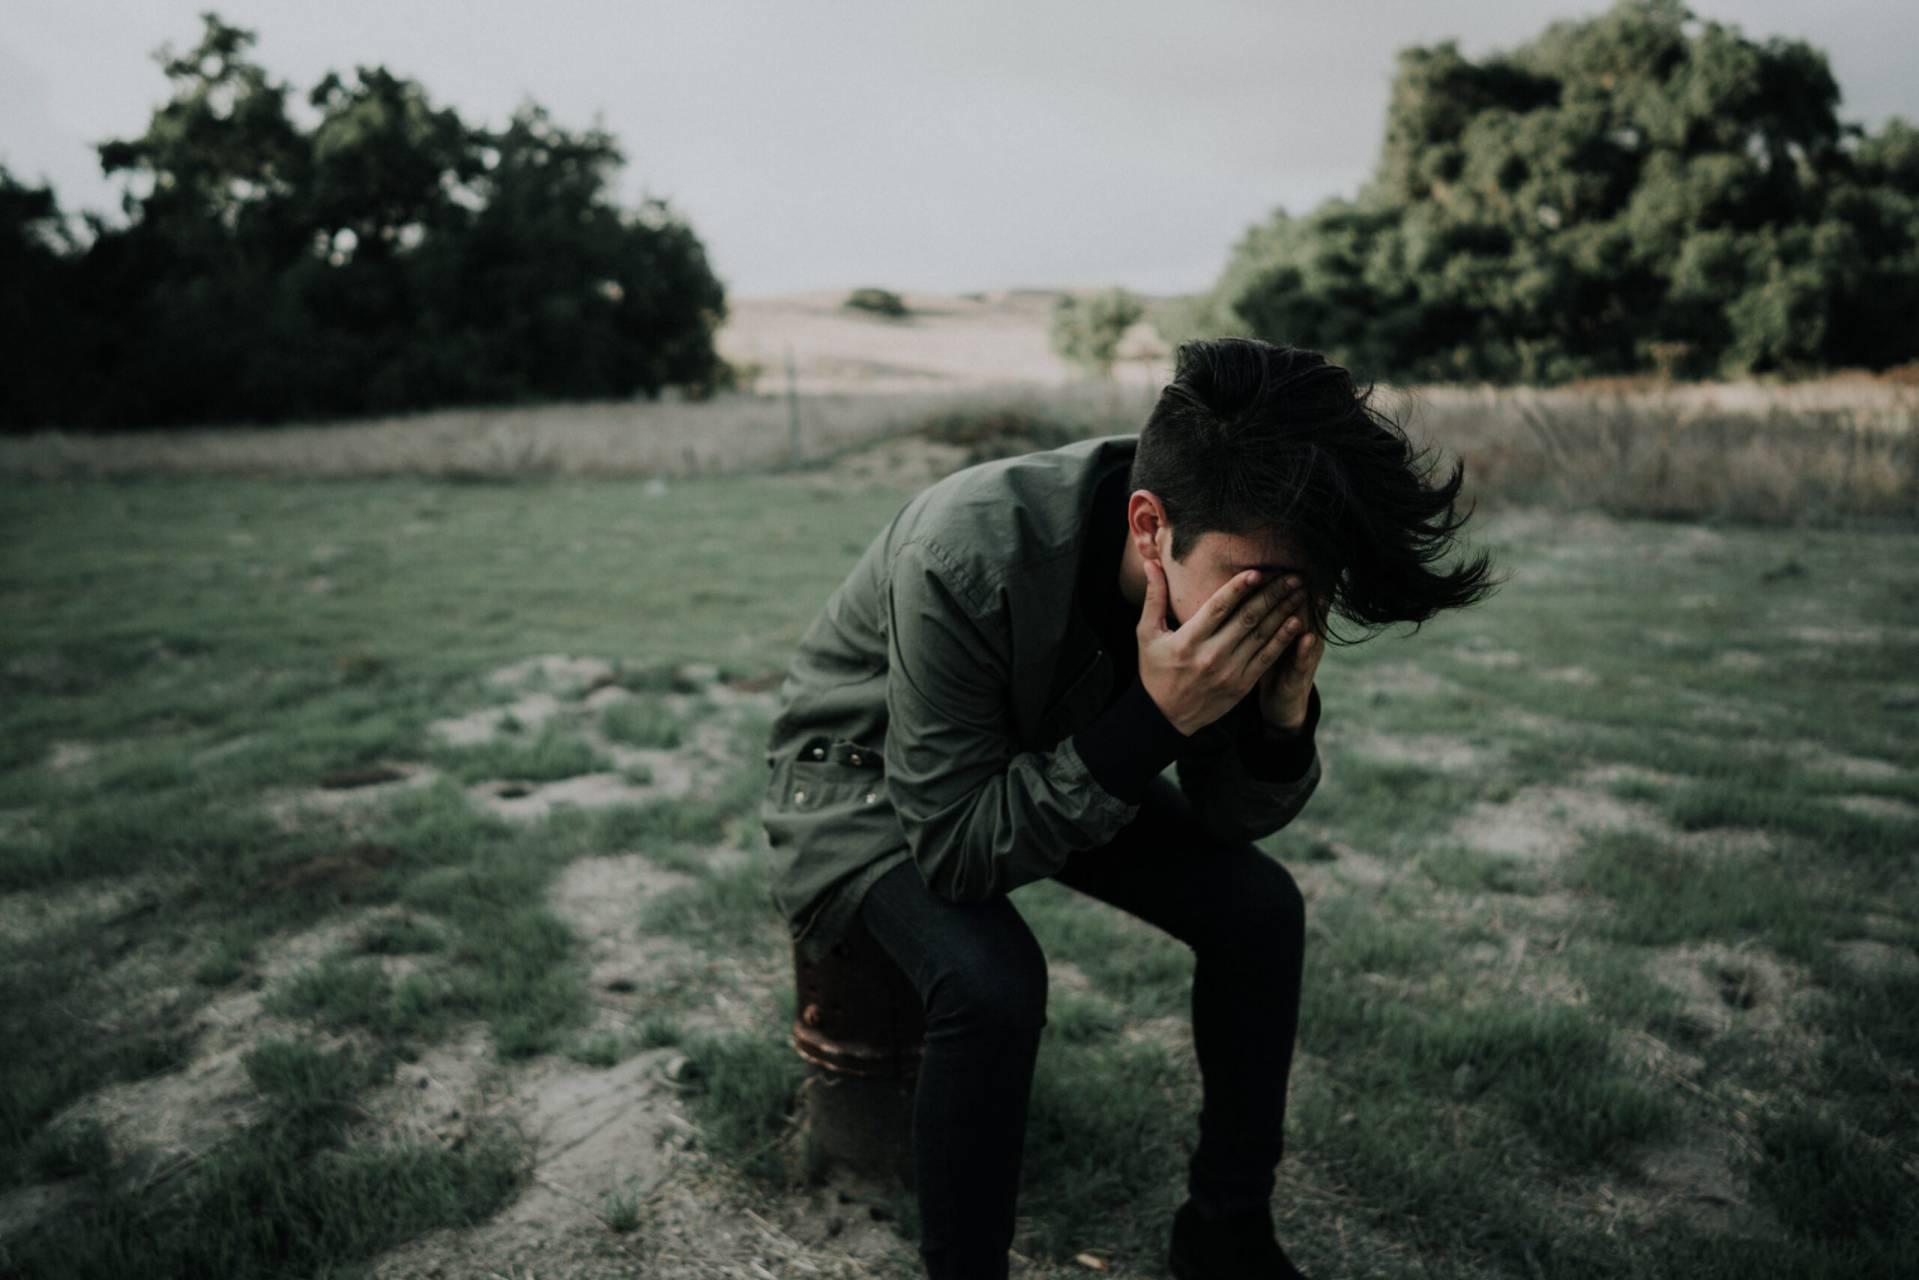 Ung man sitter med ansiktet begravt i händerna